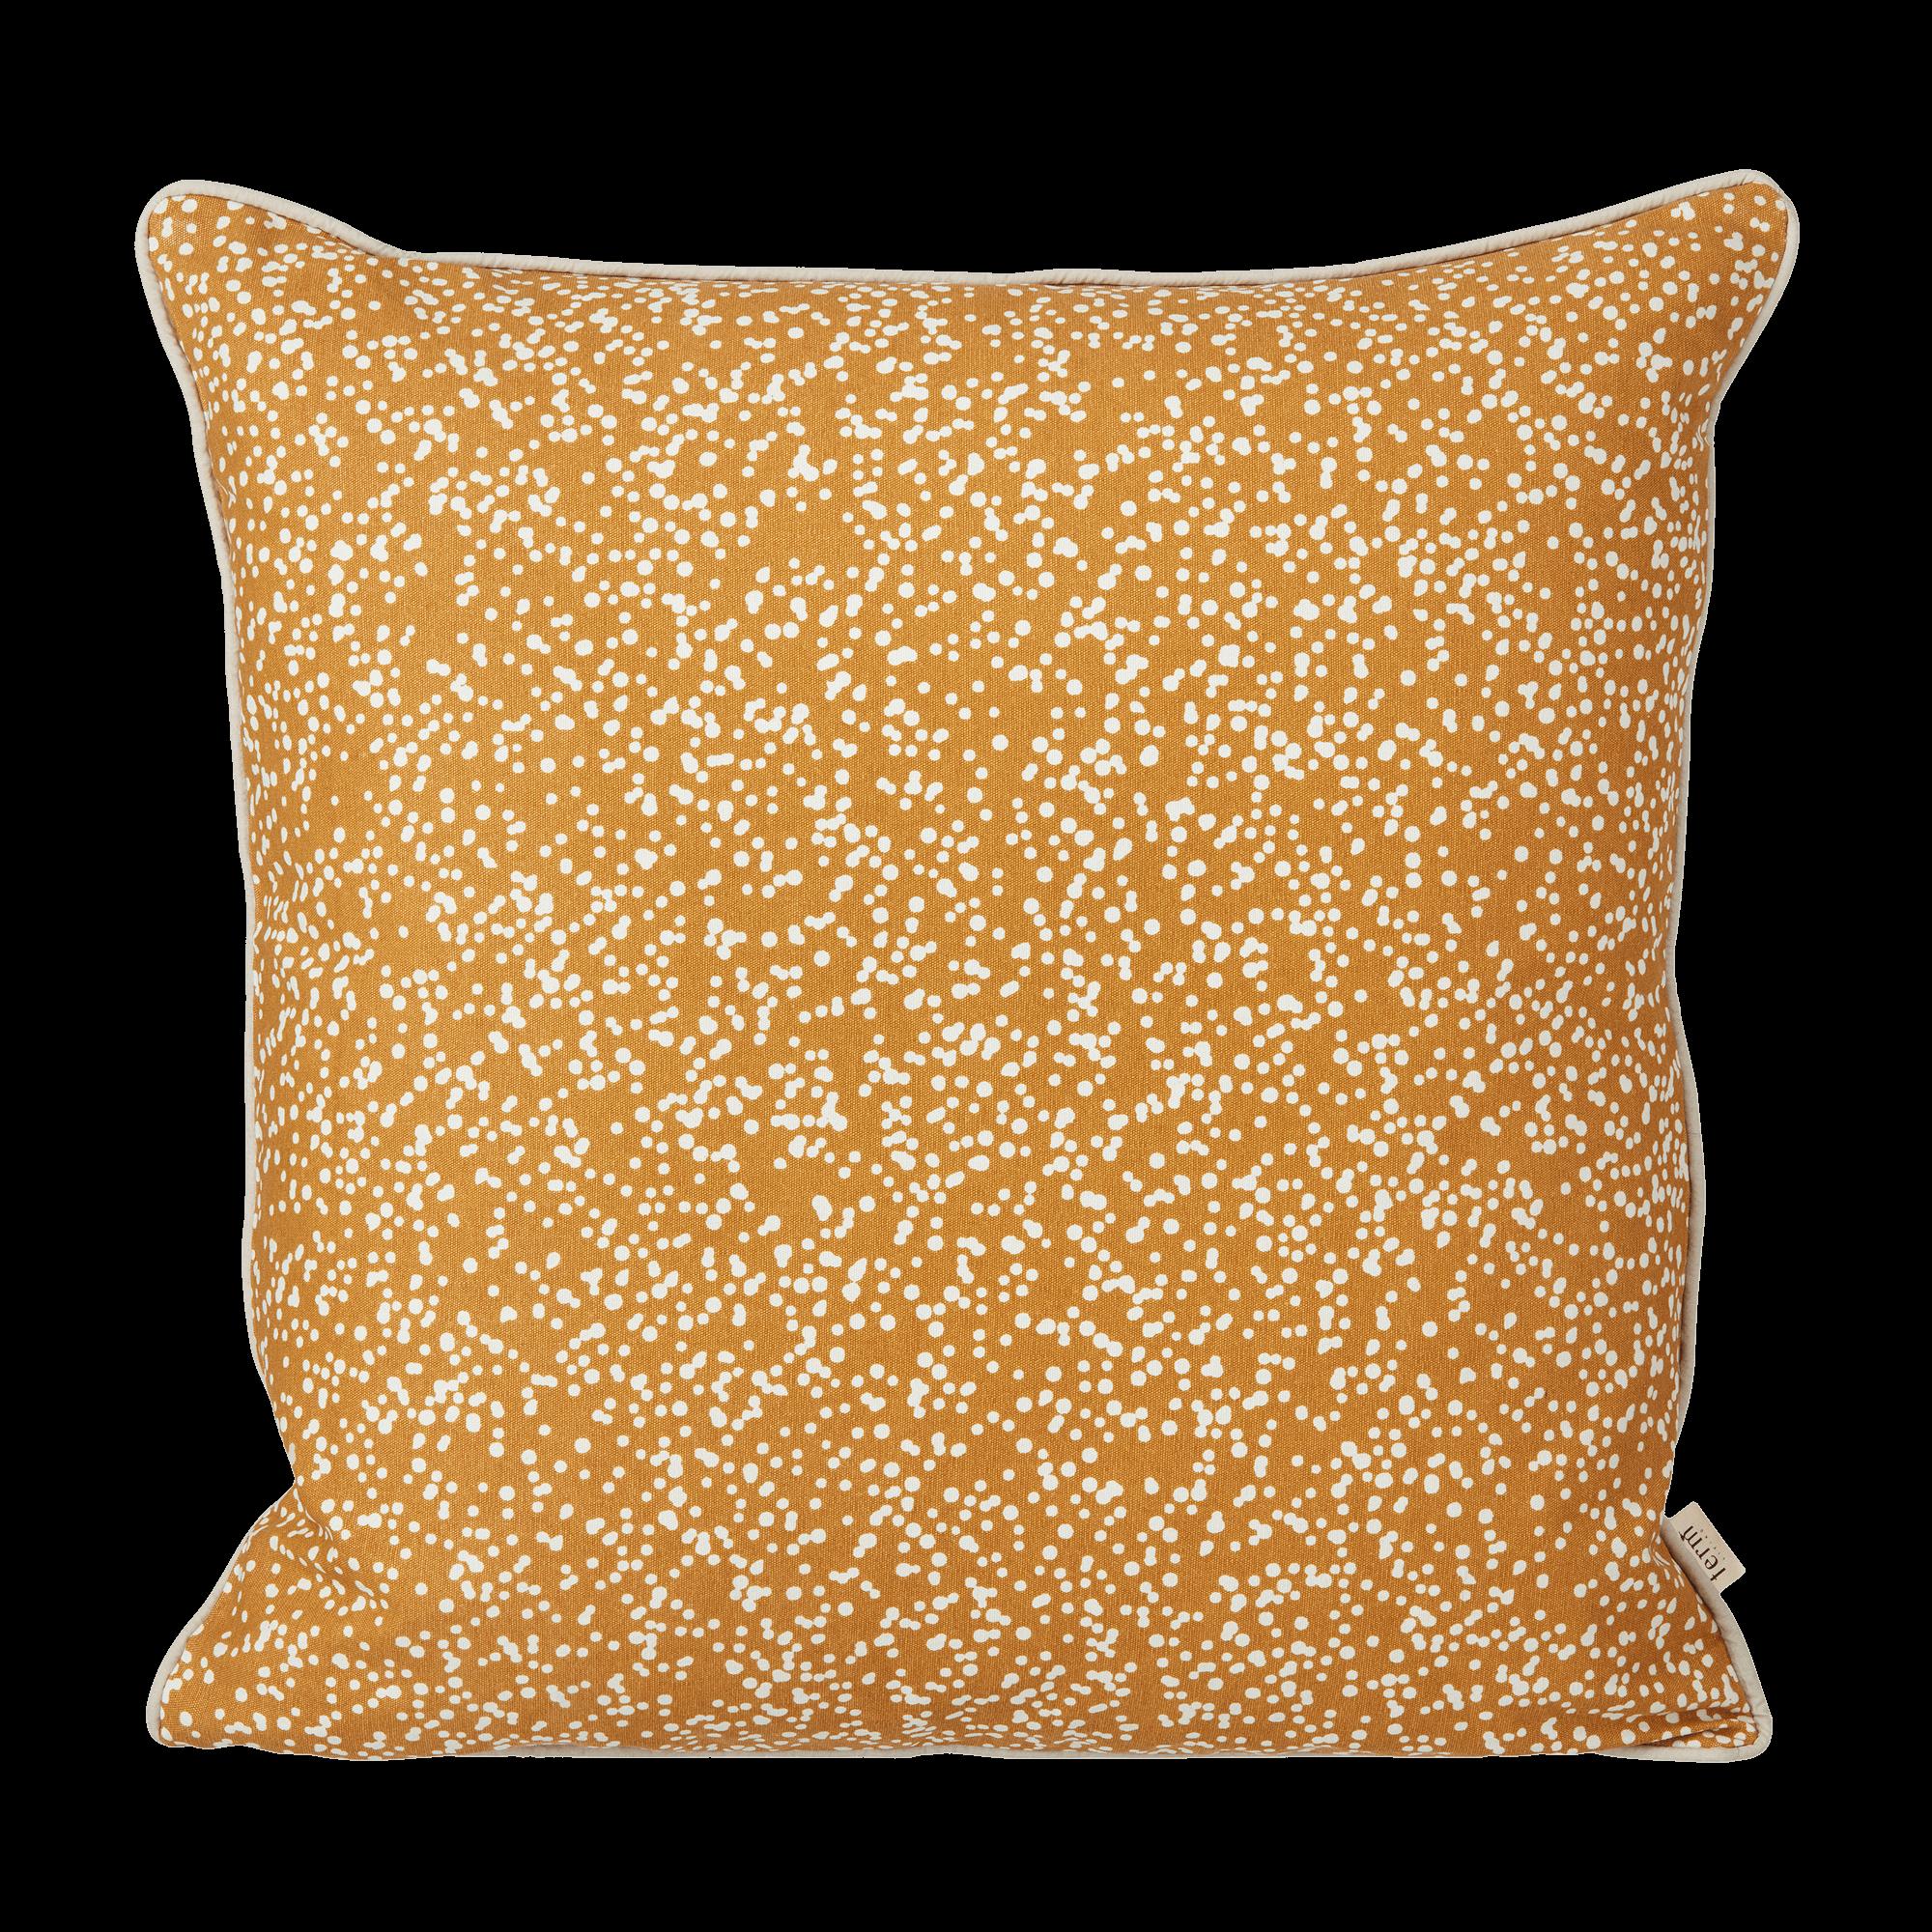 Dottery cushion